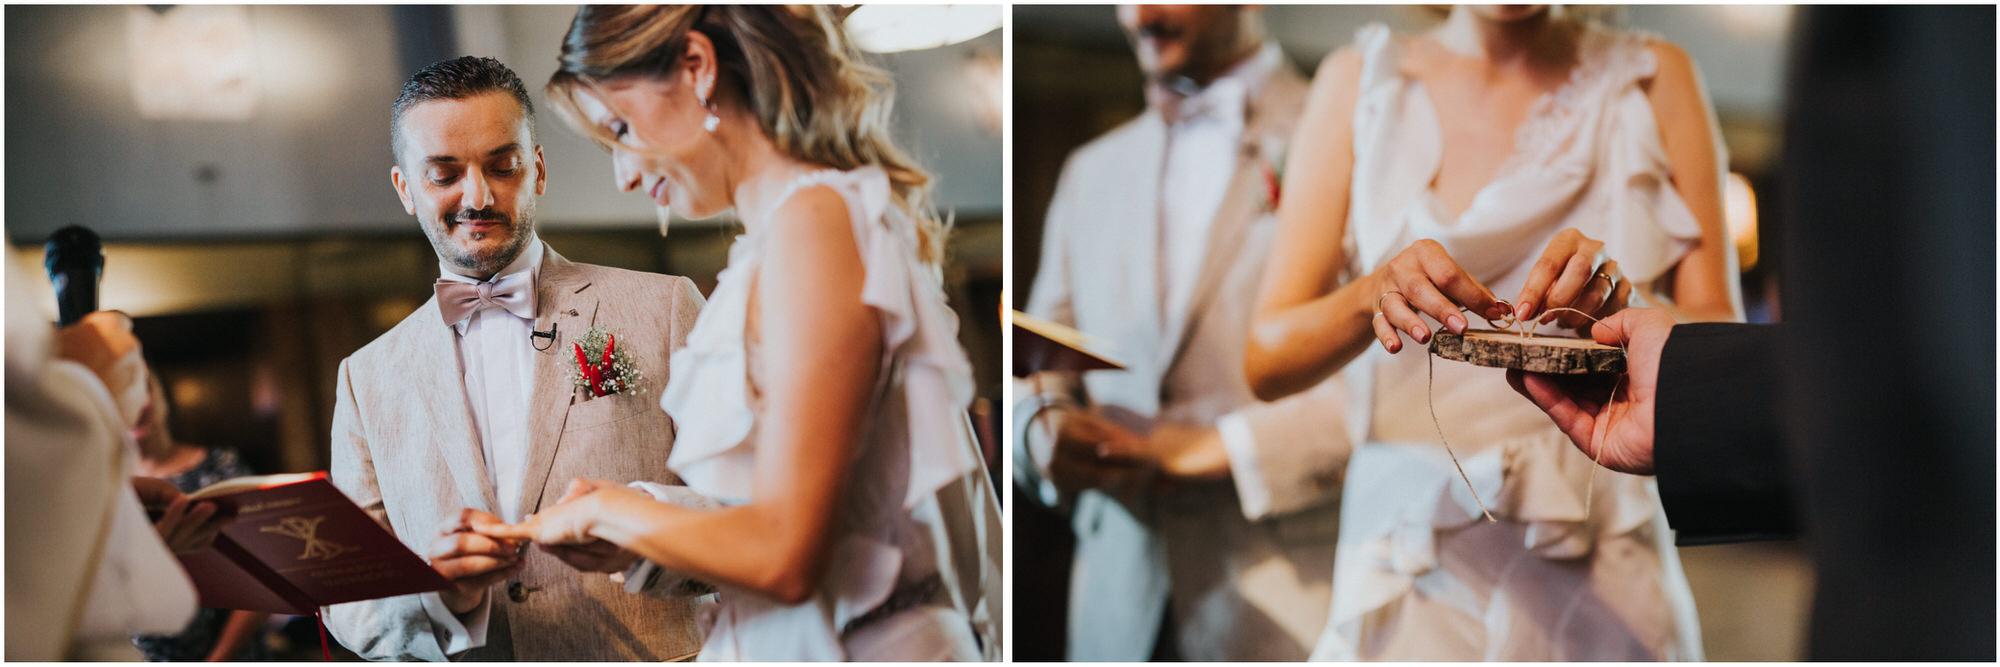 Filipe Santiago Fotografia-fotografo-malveira-lisboa-cascais-mafra-melhores-reportagem-wedding-photography-portugal-lisbon-best-natural-casamentos-lifestyle-bride-ideias-rustic-boho-hair-mackup-damas-preparativos-preparations-bridemaids-dress-shoes-bouquet-trends-church-cerimony-troca